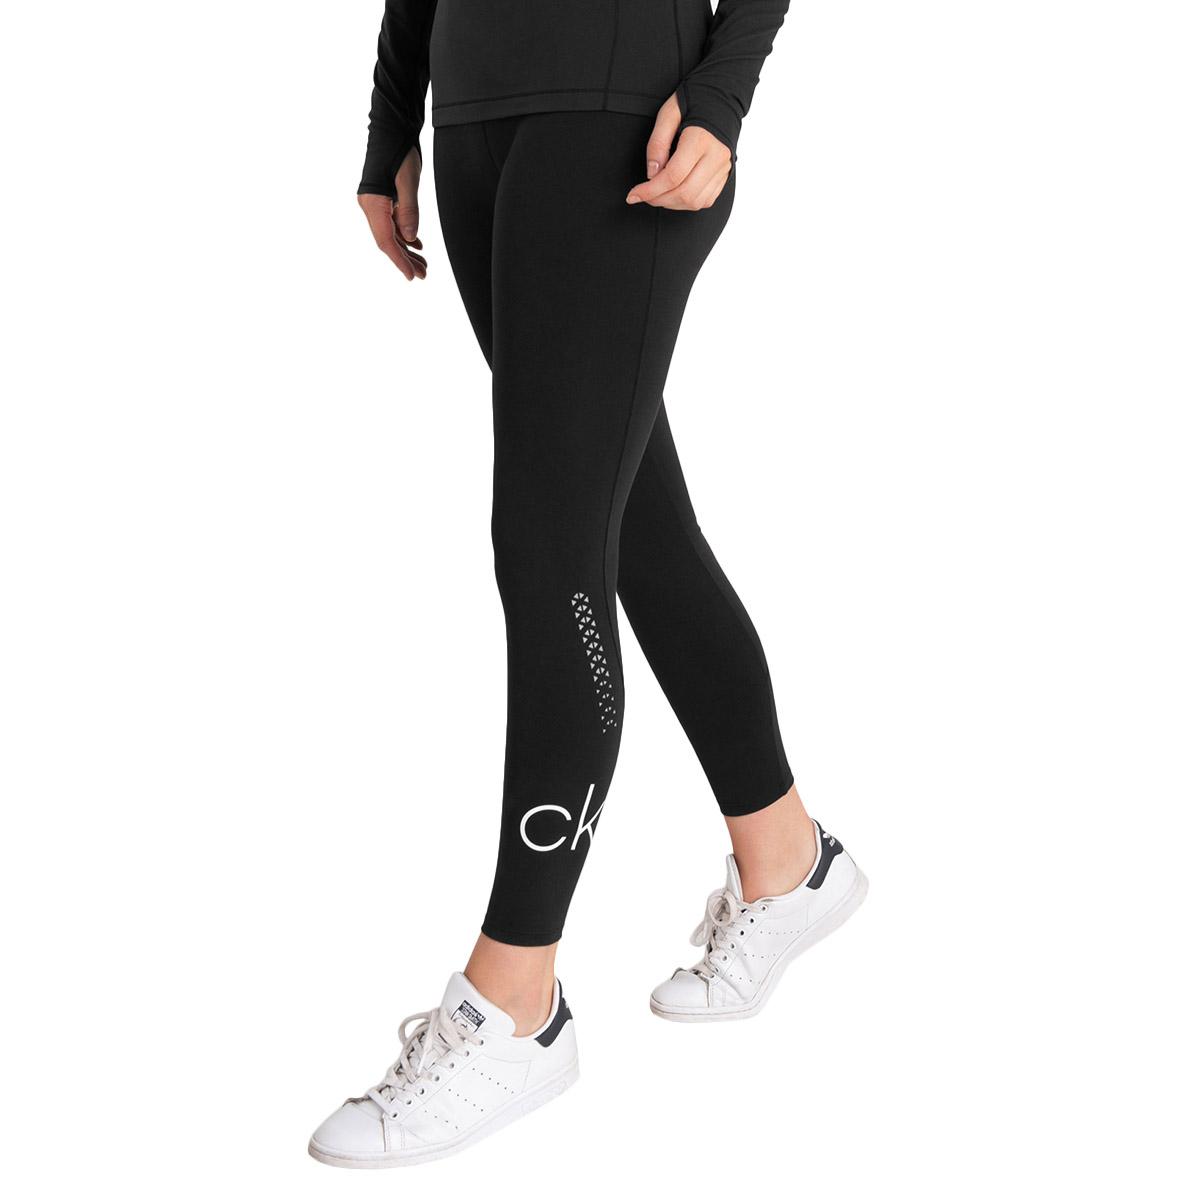 Calvin Klein Womens 2020 Energy Breathable Moisture Wicking Leggings Baselayer